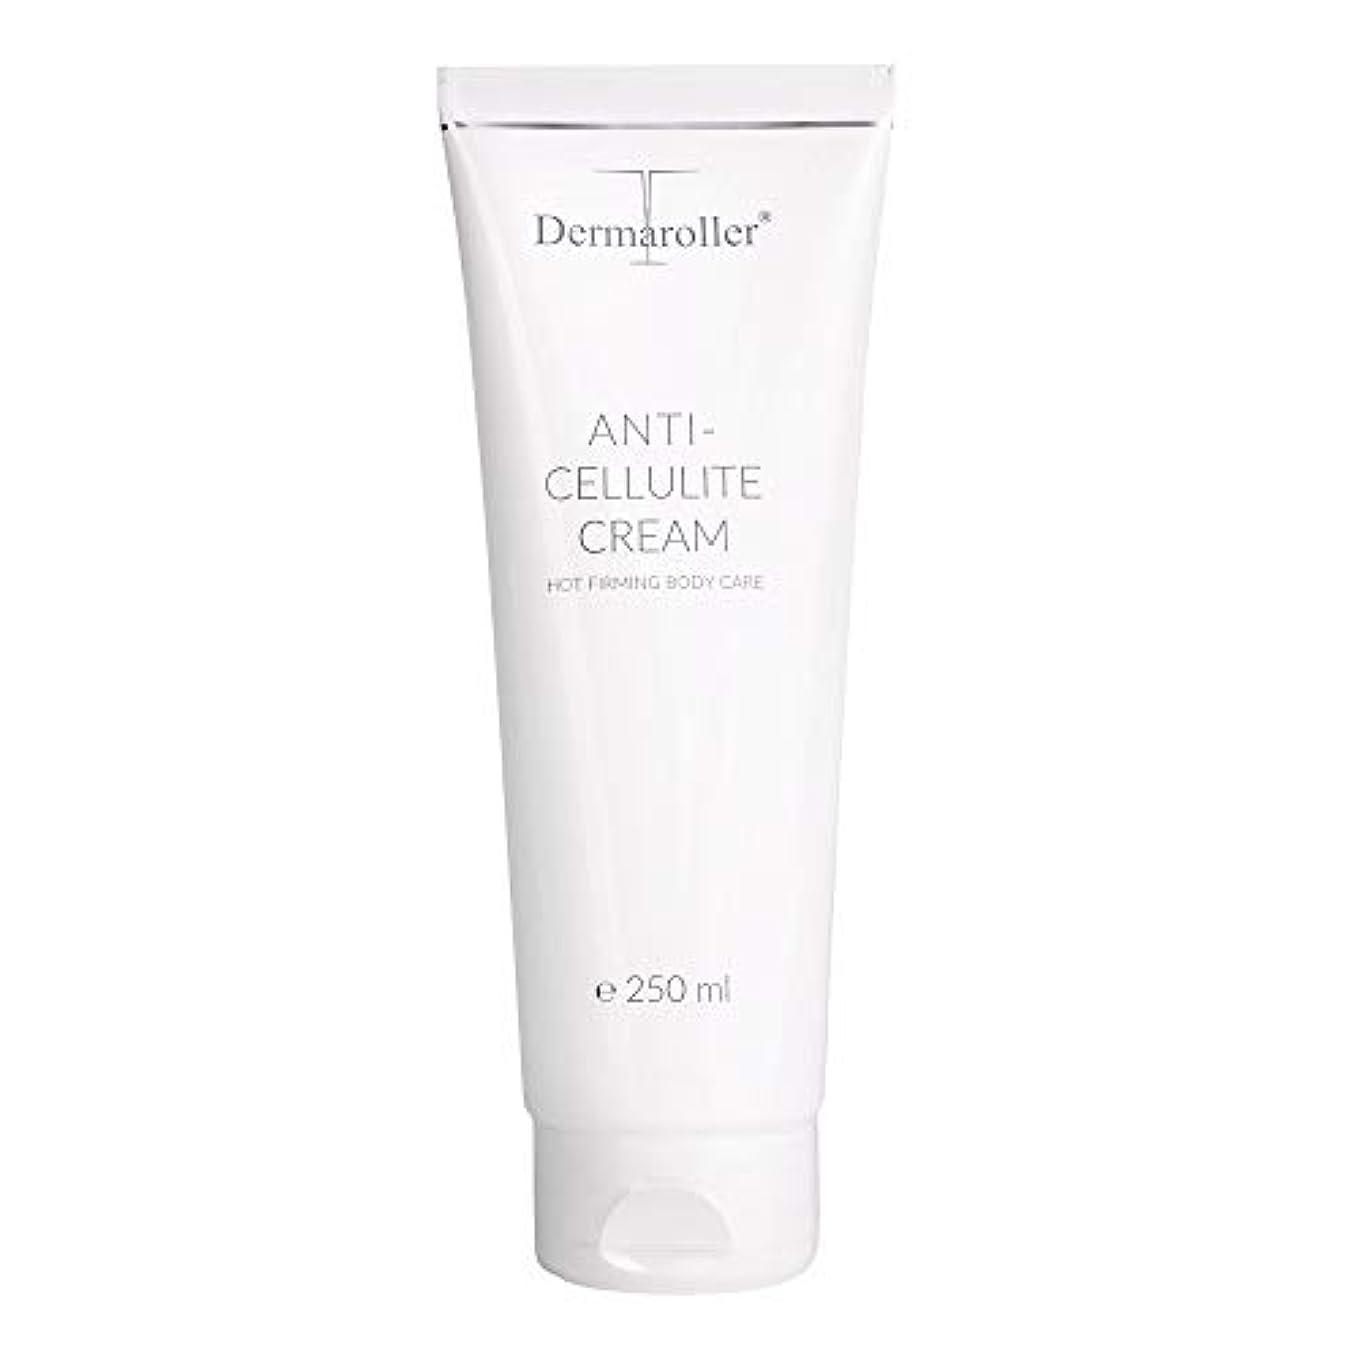 視力プレミアム詳細なDermaroller アンチ セルライト クリーム 250ml [Dermaroller]Anti-Cellulite Cream